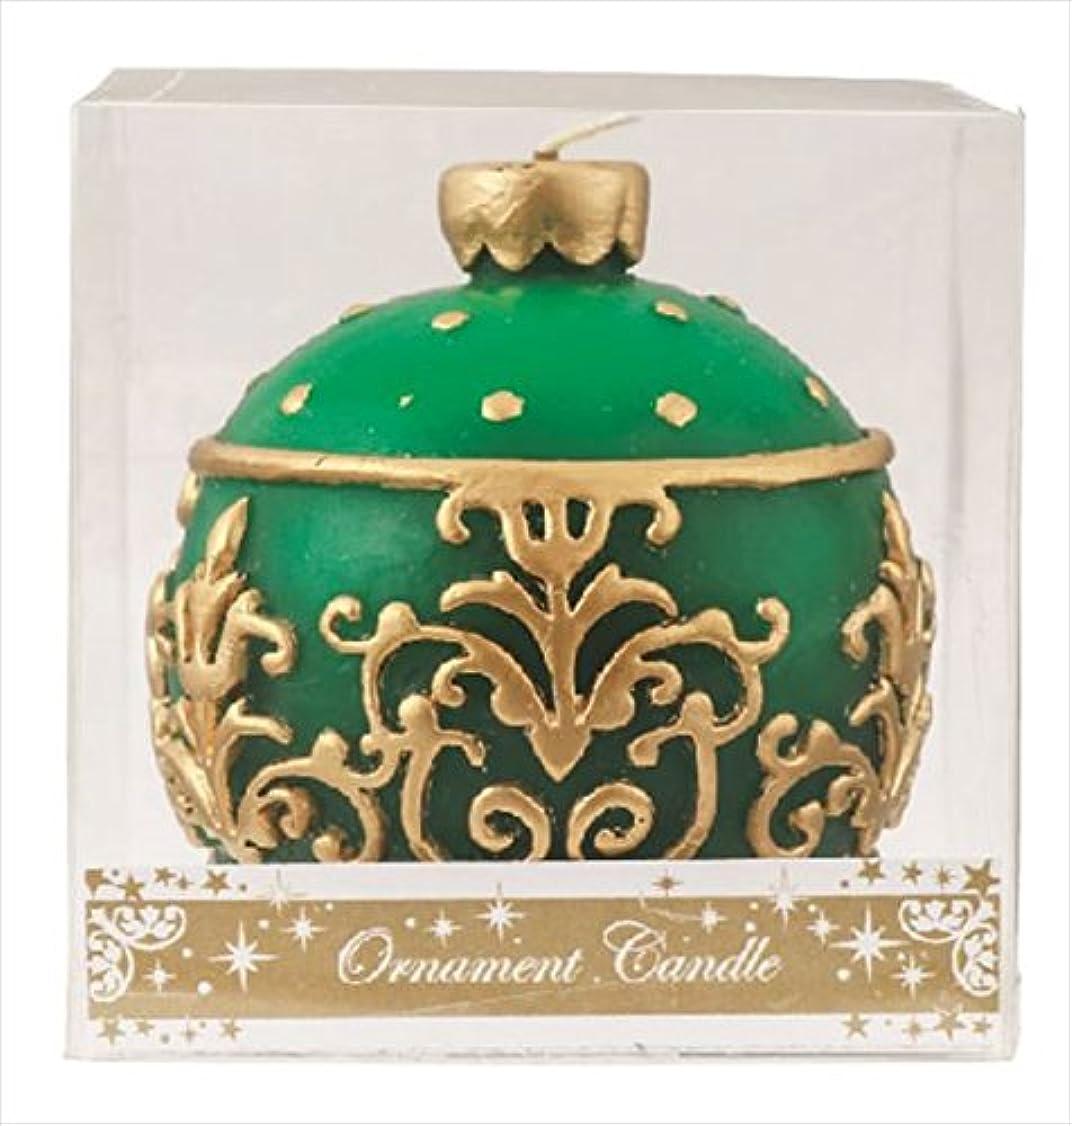 老人弱めるぎこちないカメヤマキャンドル(kameyama candle) オーナメントキャンドル 「 グリーン 」